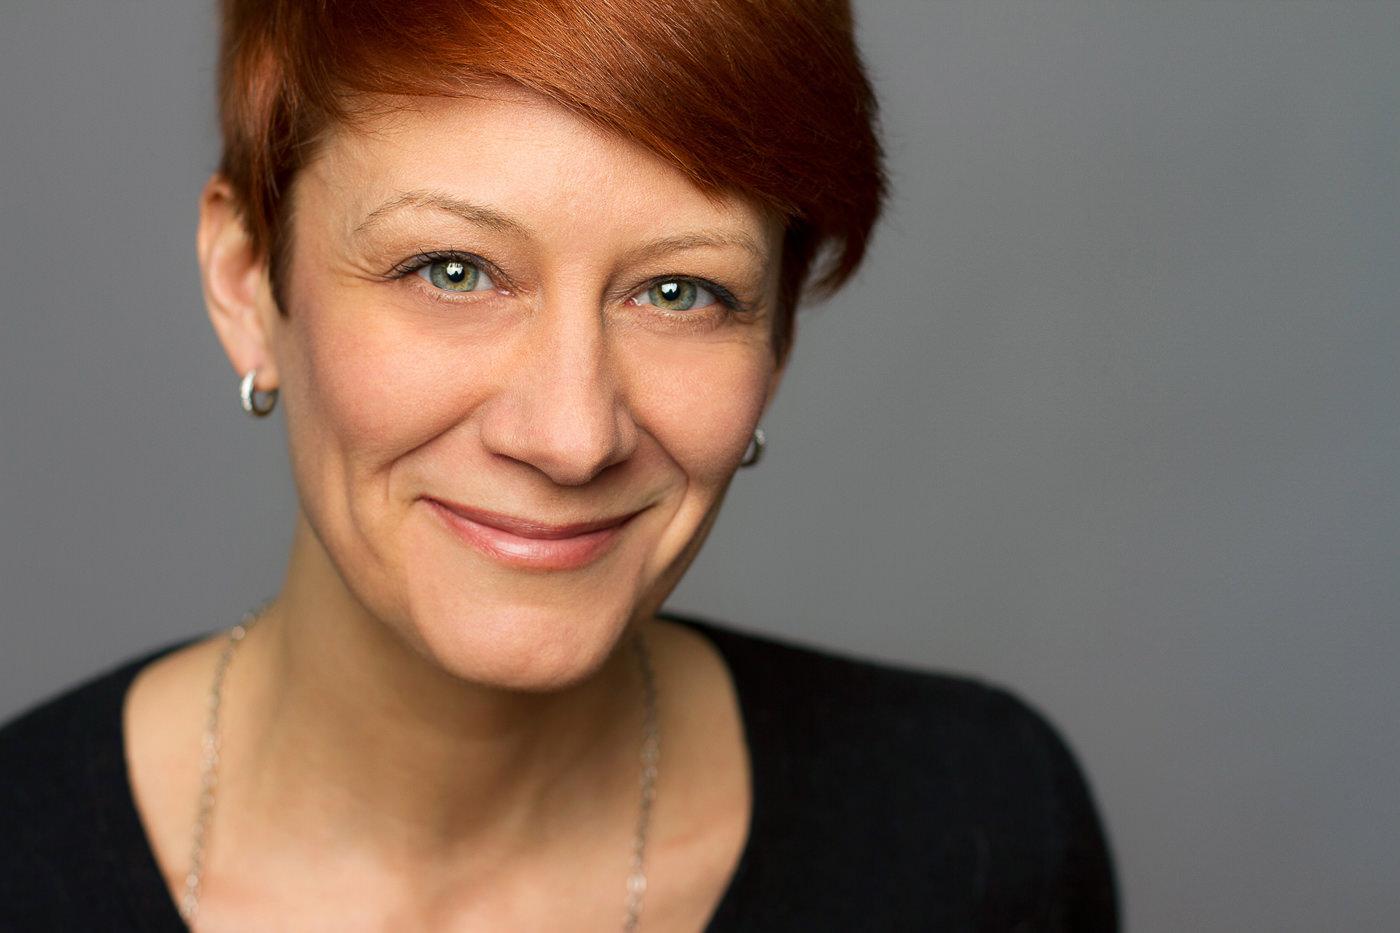 Portrait corporatif femme fond gris